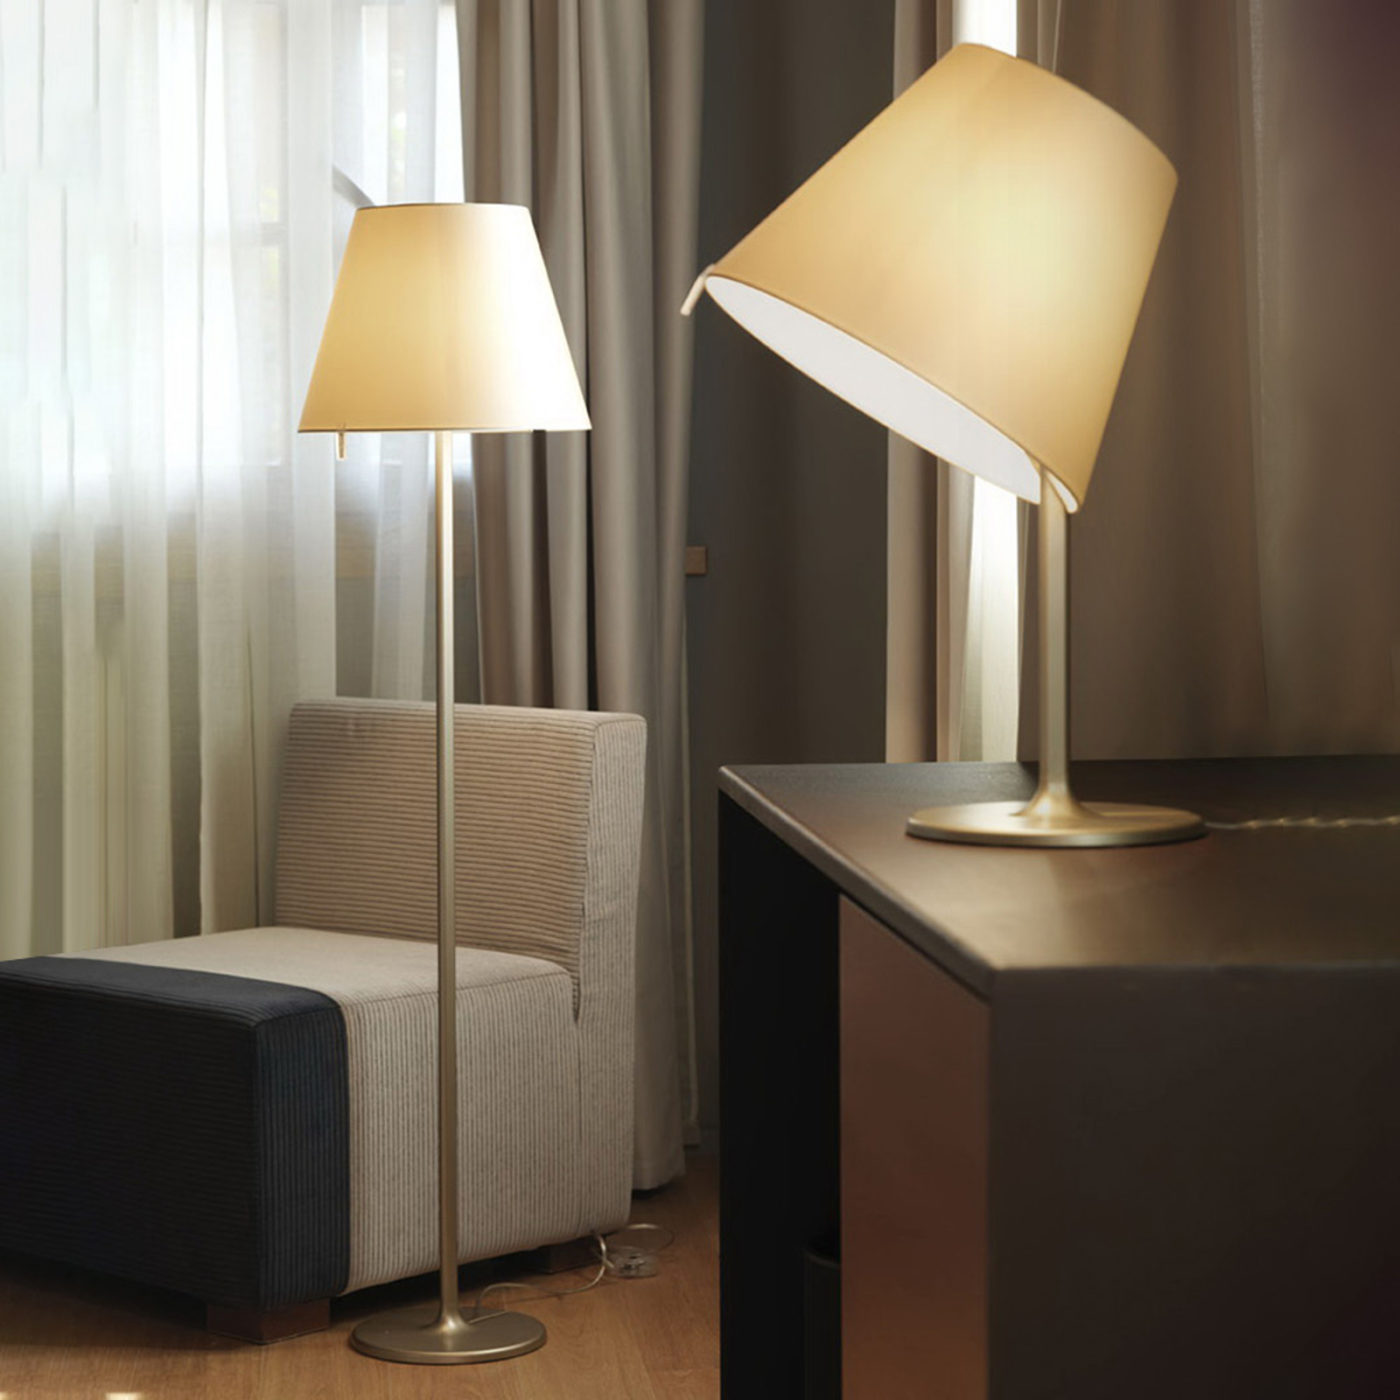 artemide-melampo-lampara-de-pie-163-cm-bronce